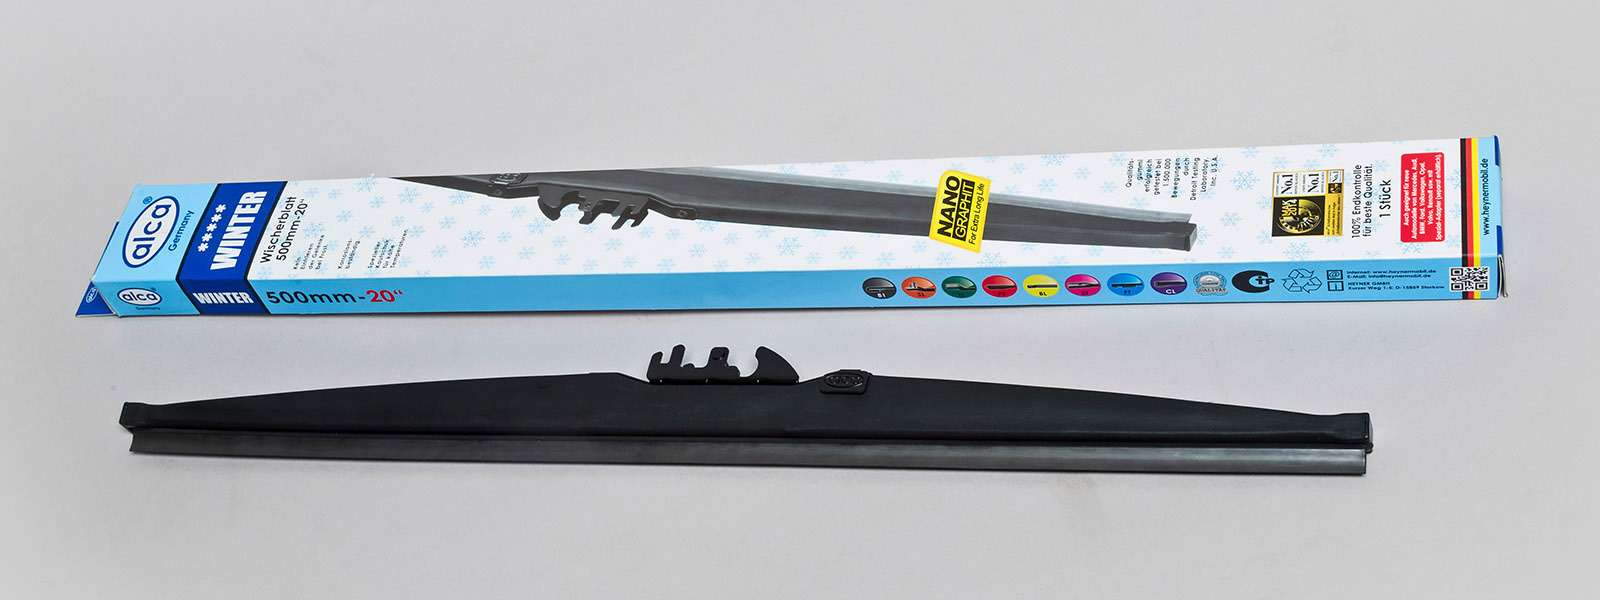 Цена прозрения: эксперты ЗРвыбирают щетки стеклоочистителей— фото 678232